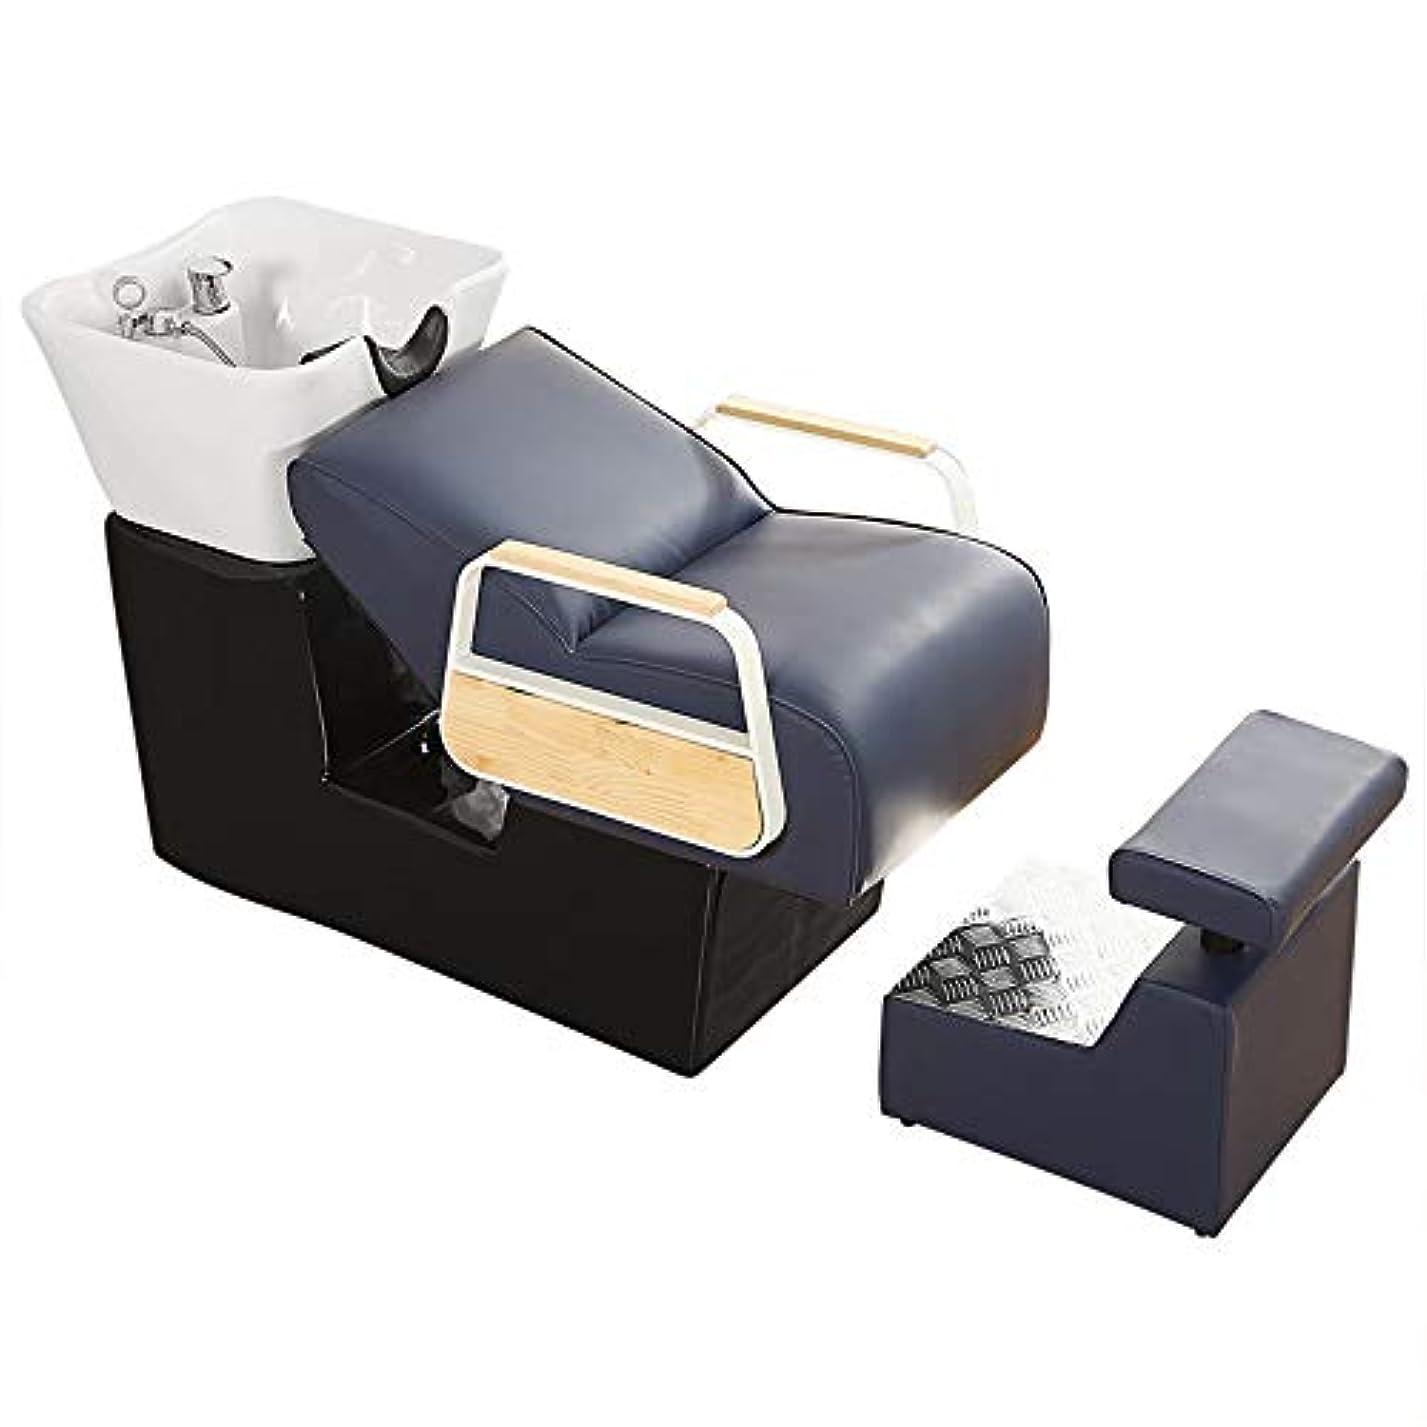 メンバー廊下ヒゲシャンプーの椅子、逆洗の単位の陶磁器の洗面器の洗面器のための洗面器のボウル理髪シンクの椅子